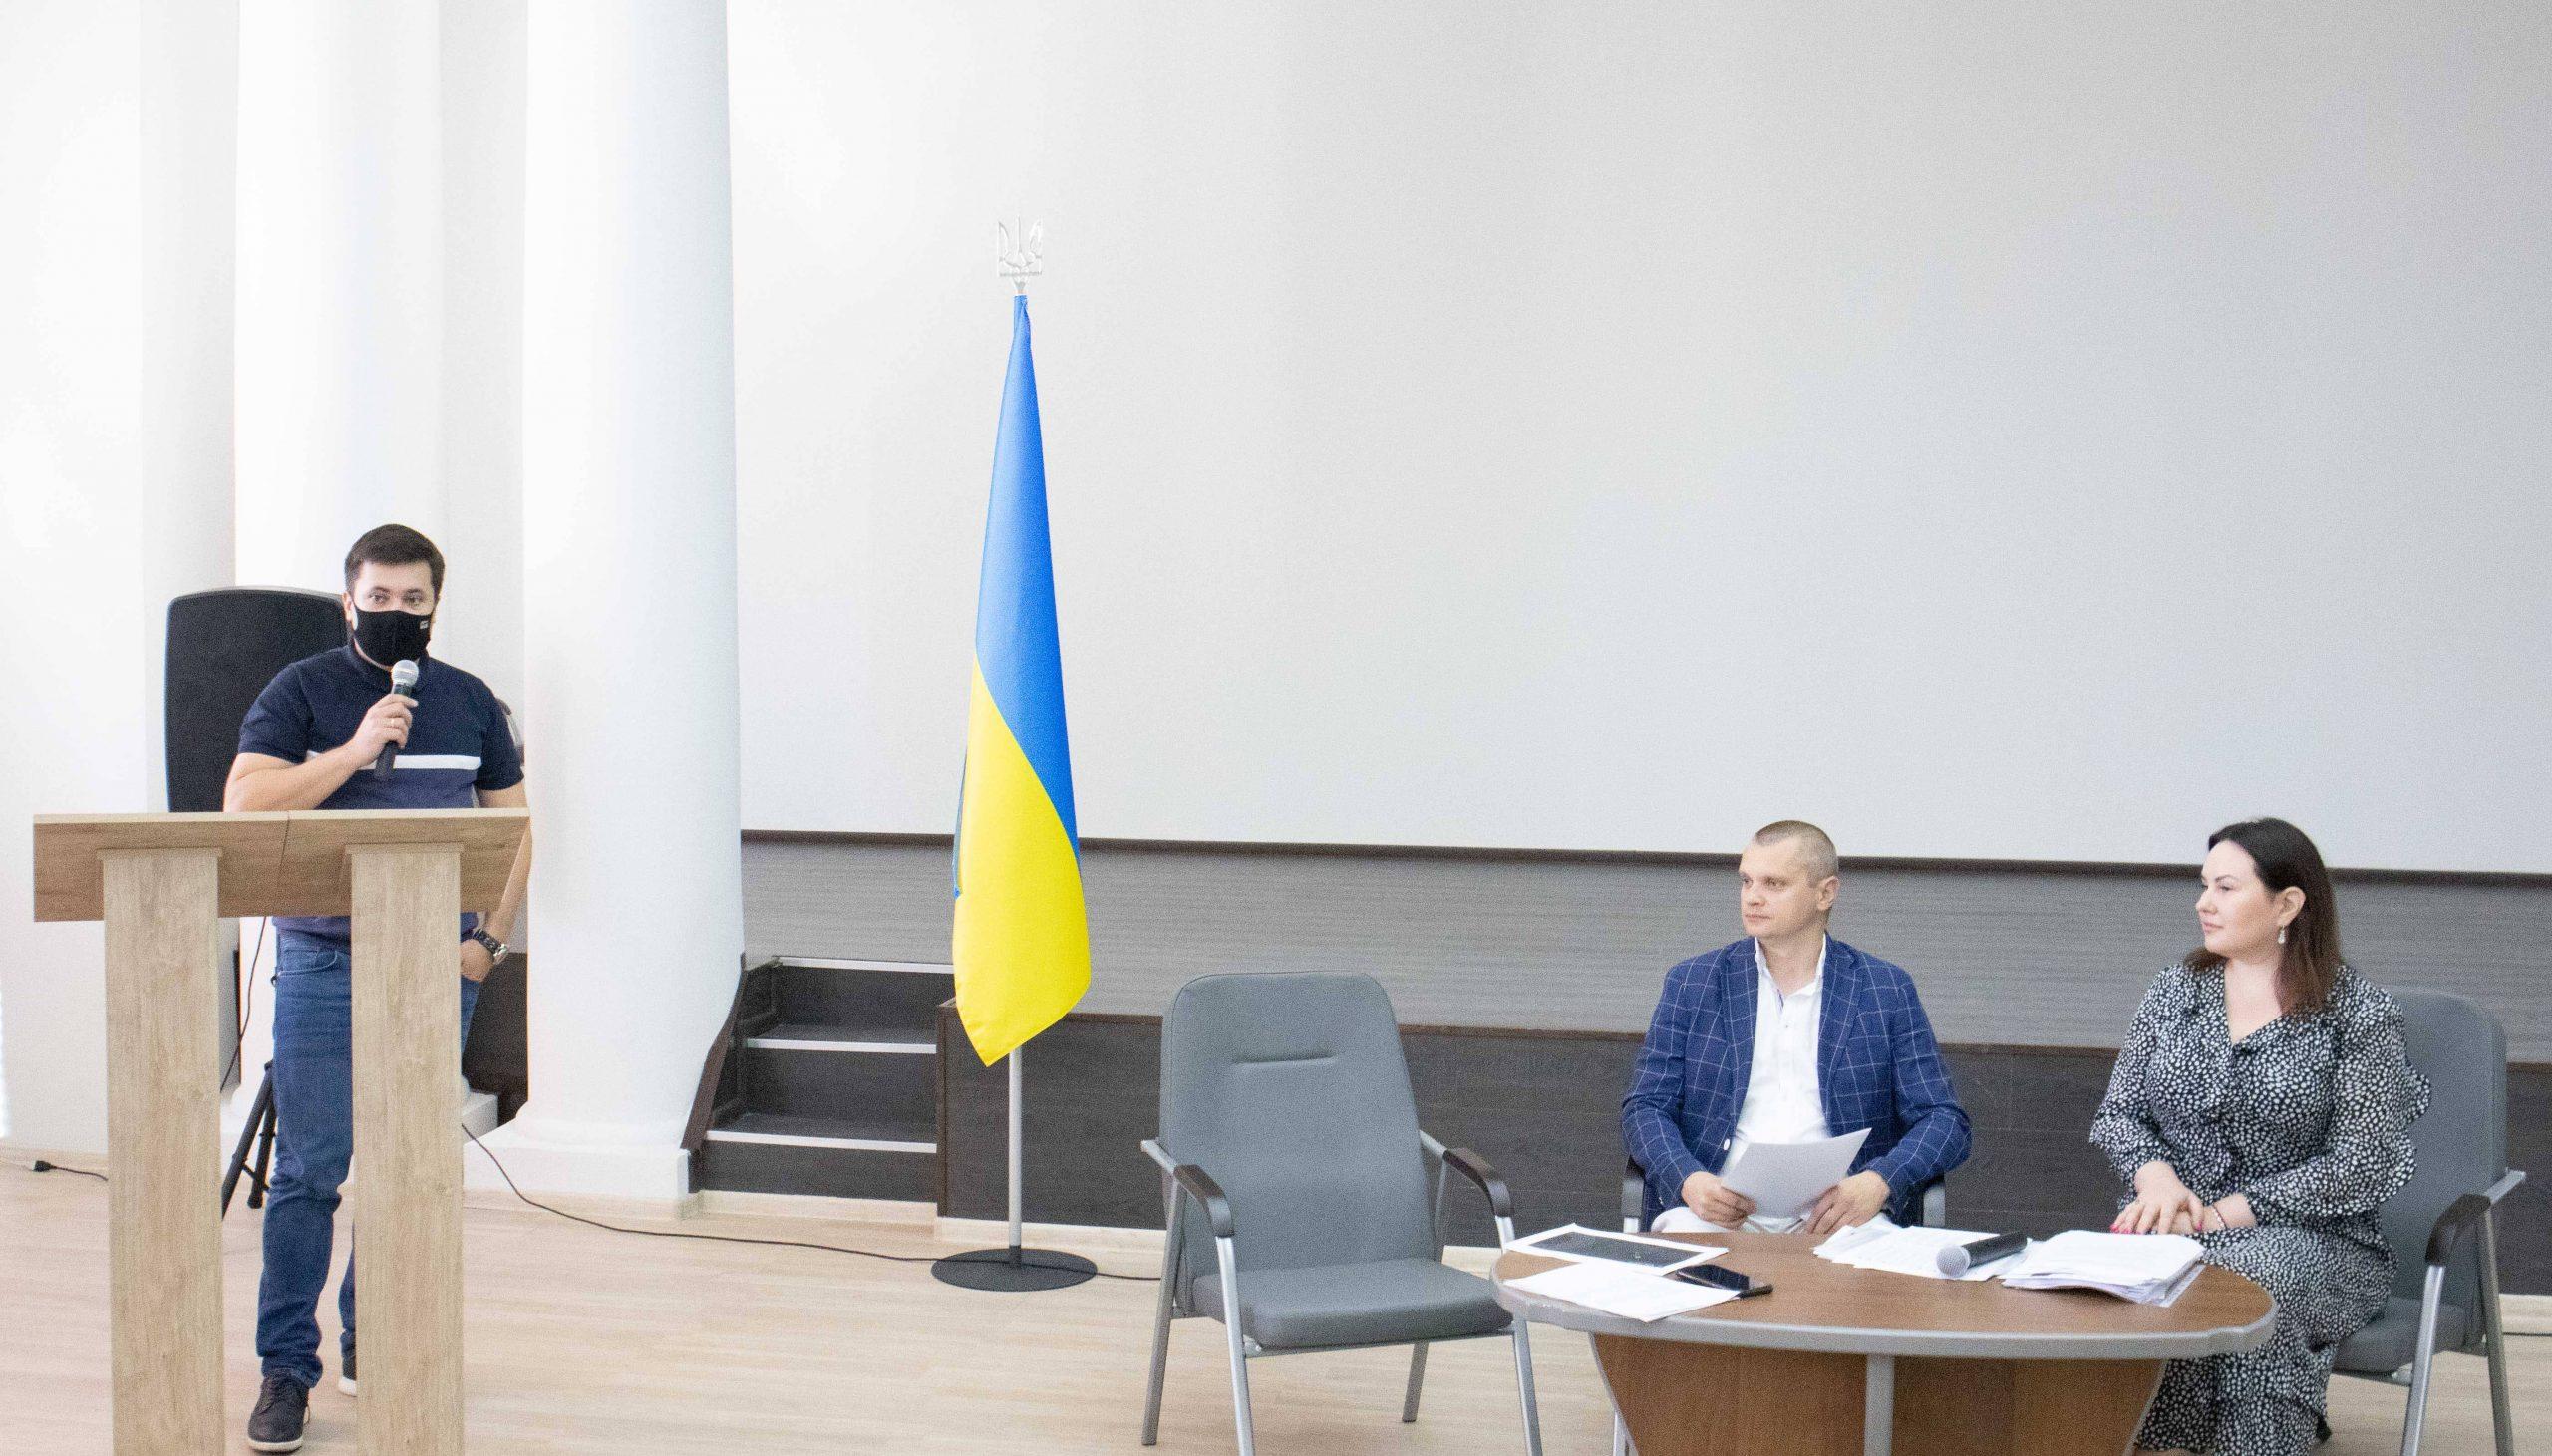 Єдина міжвідомча інформаційна система – прозорий вступ іноземців до українських закладів вищої освіти